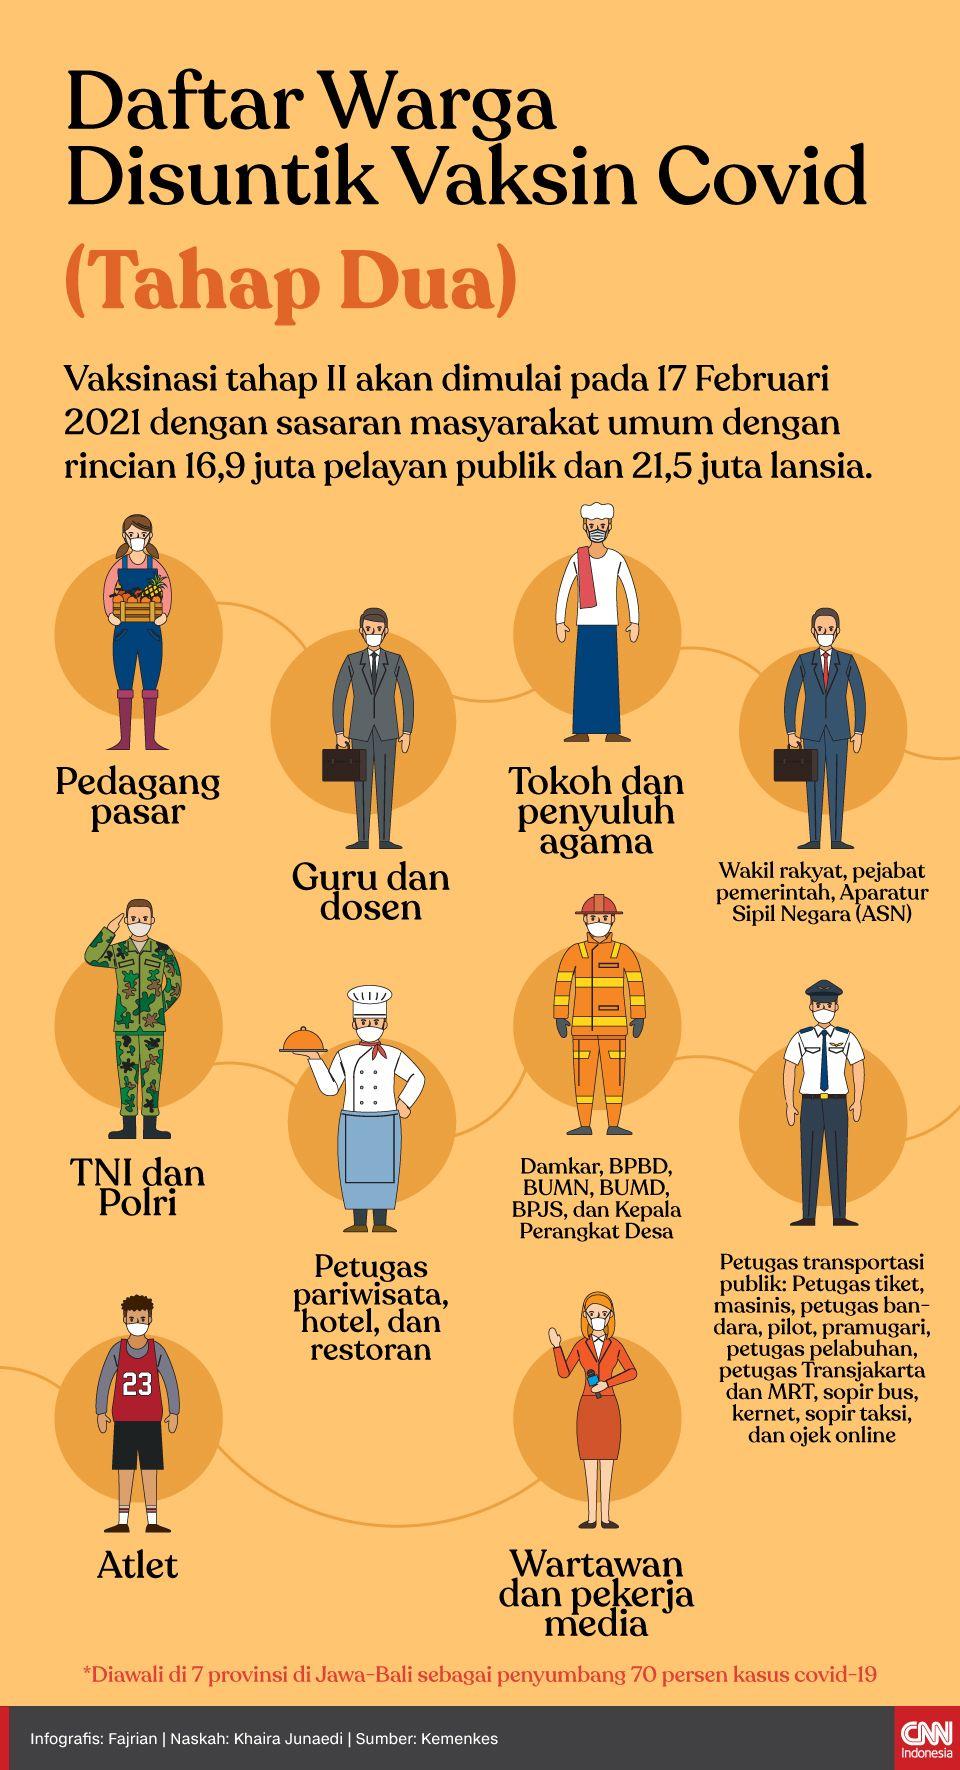 Infografis Daftar Warga Disuntik Vaksin Covid Tahap Dua